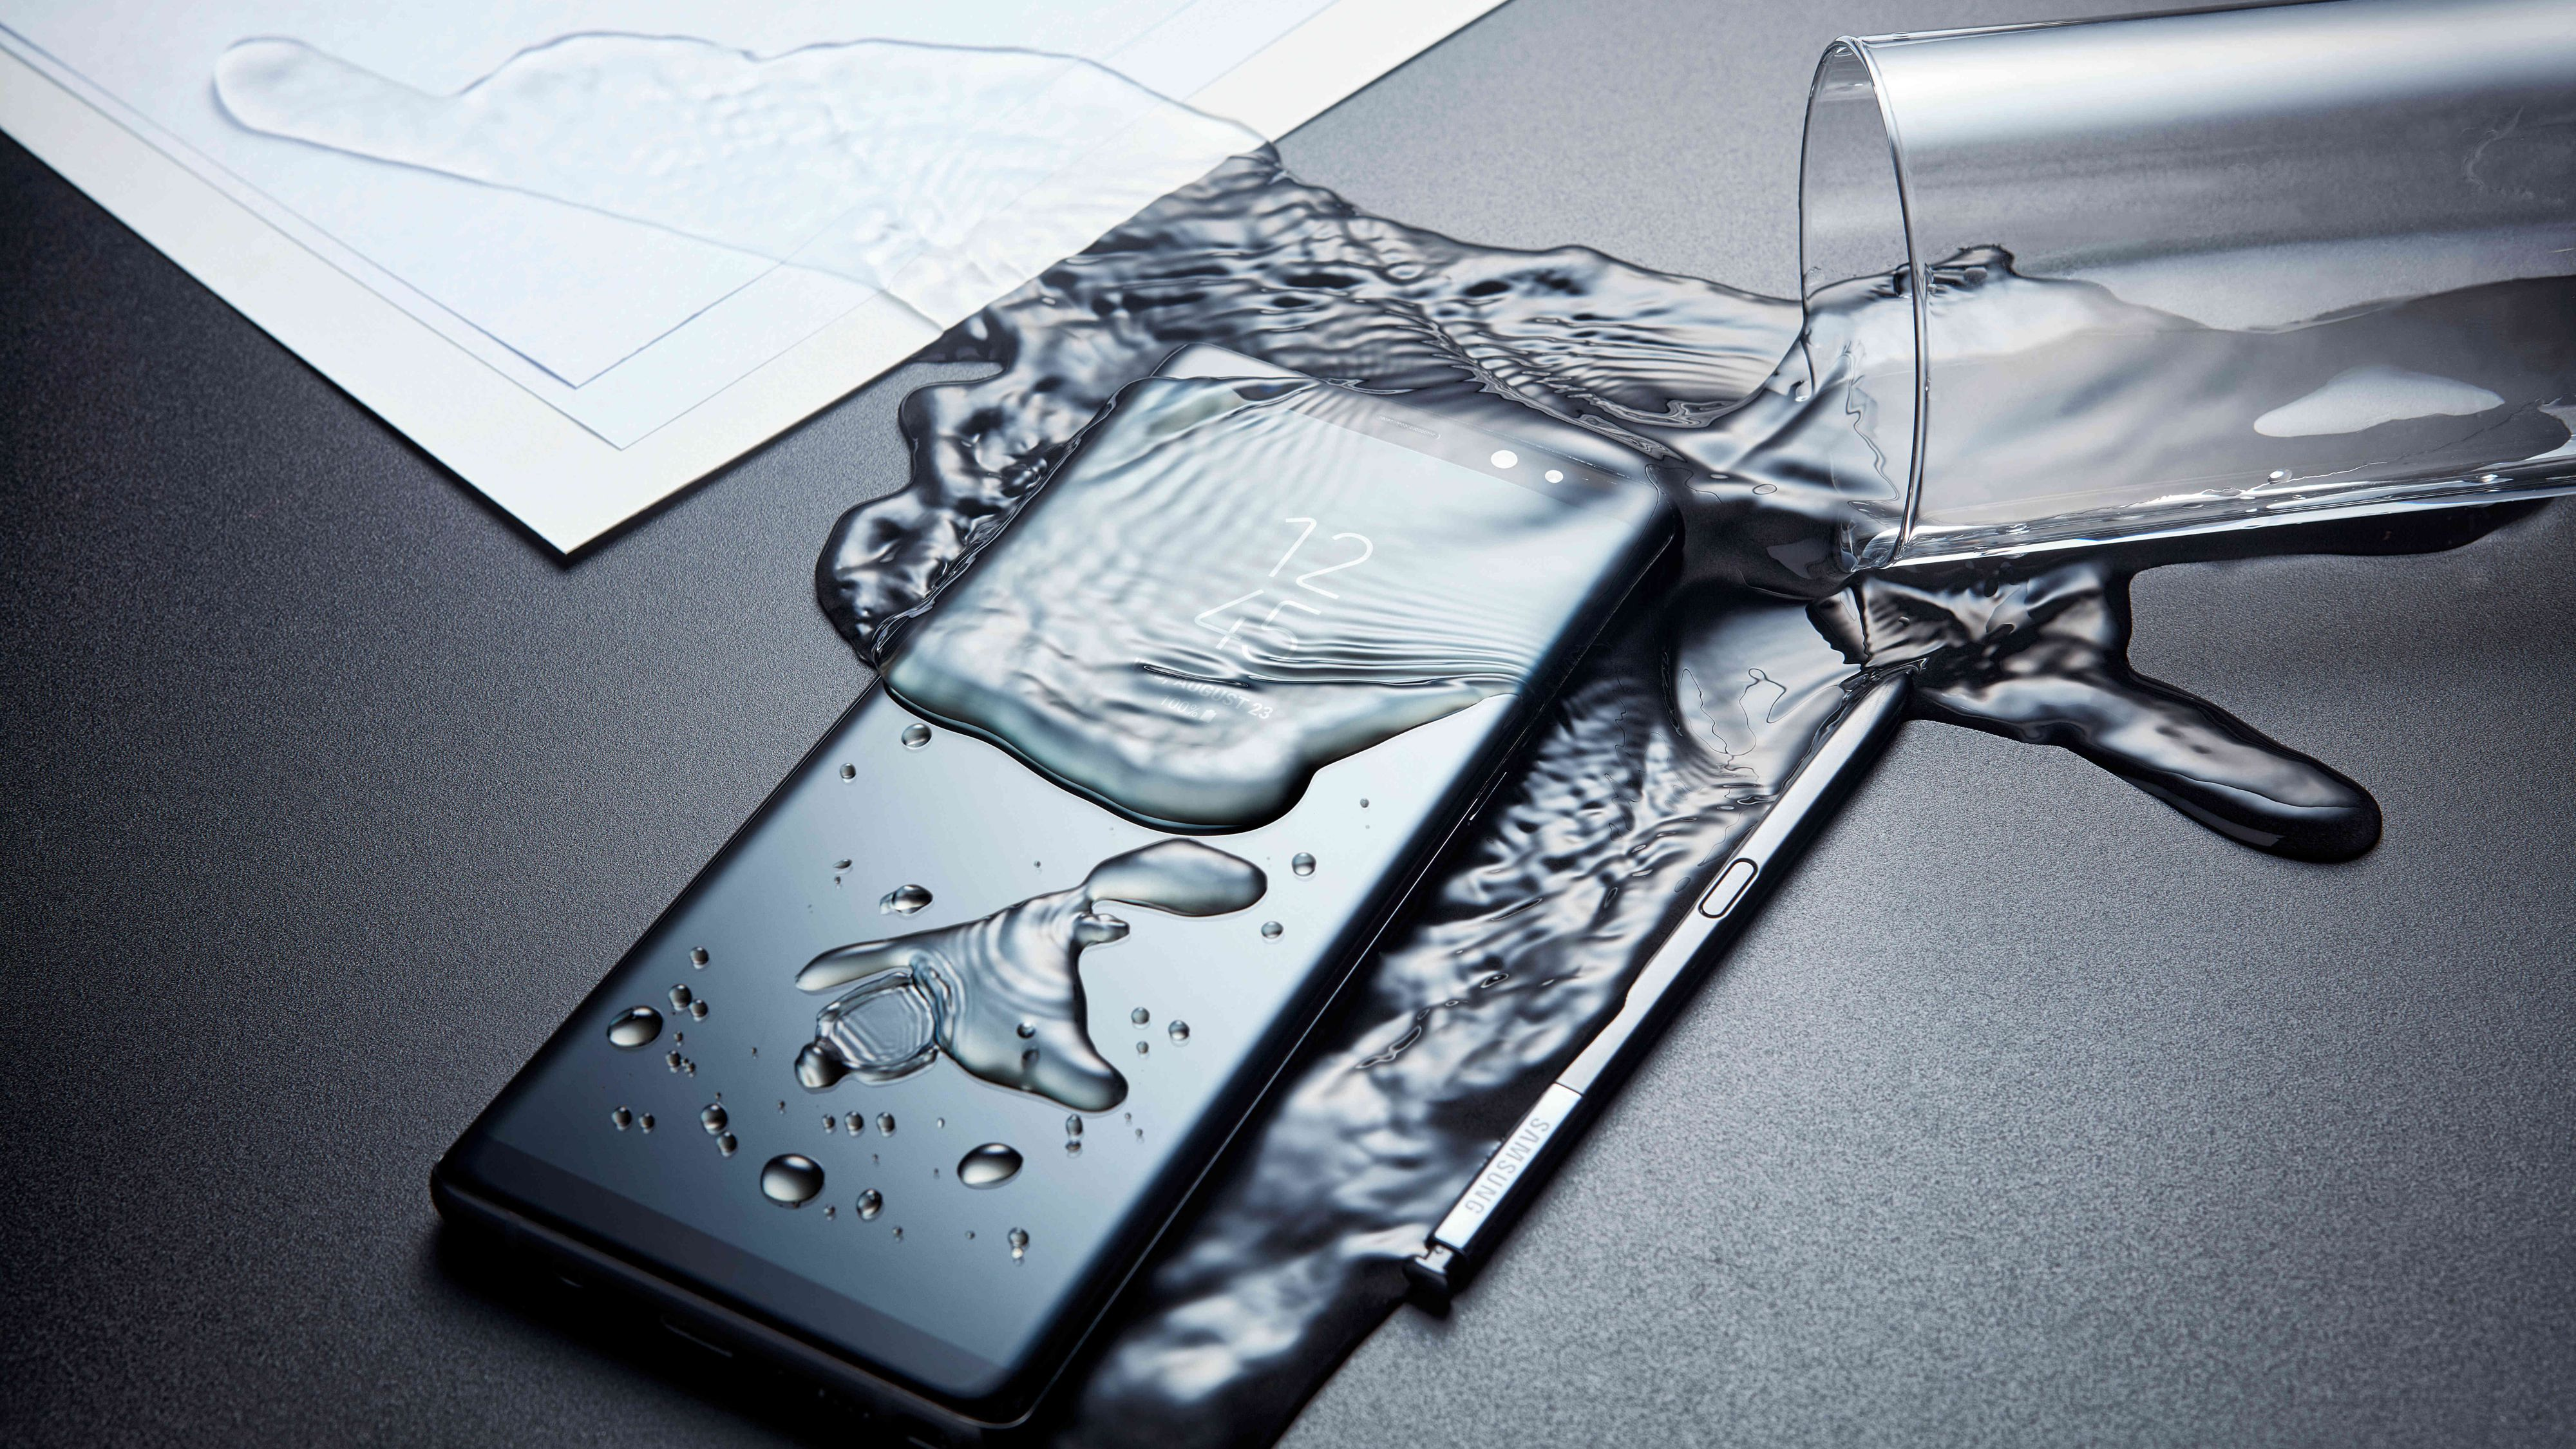 Saksøker Samsung for påstand om vanntette mobiler